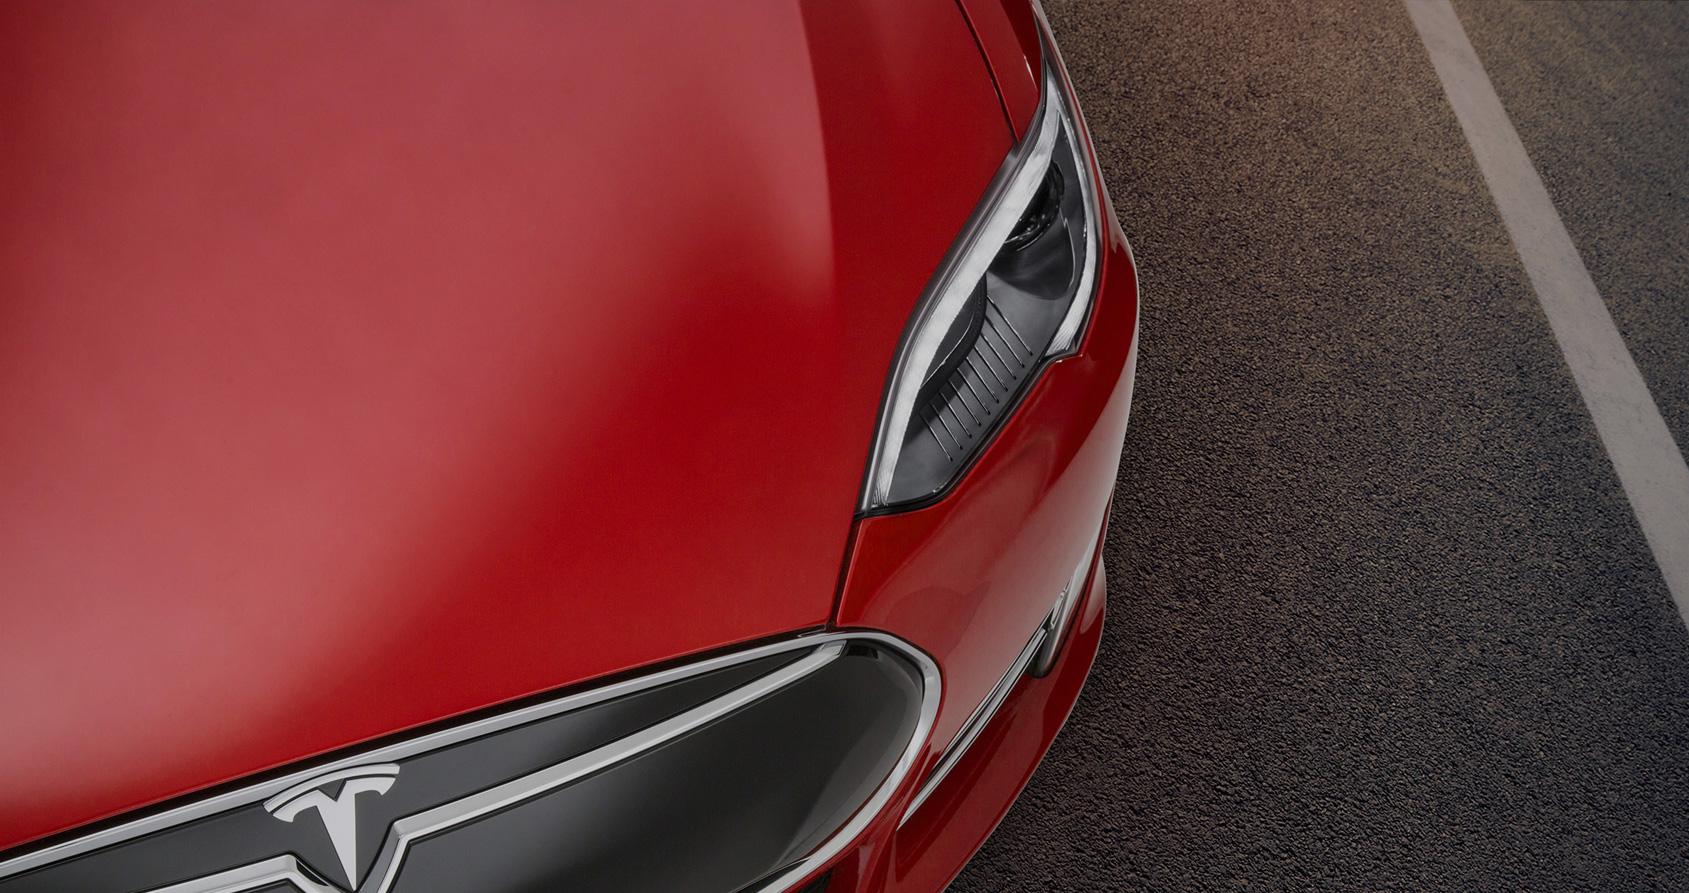 Comment Elon Musk a fait de Tesla le constructeur automobile le plus valorisé au monde